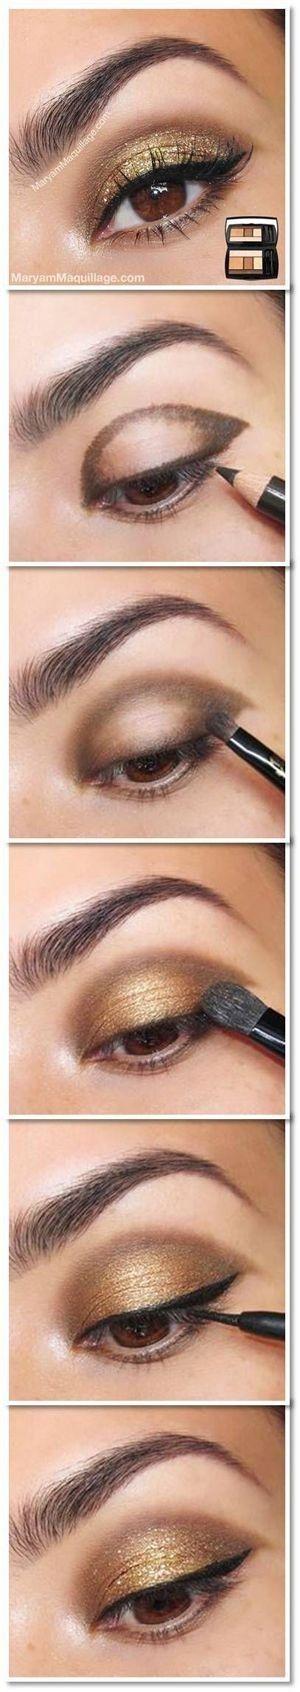 Eye Makeup - 22 idées de maquillages top pour être sexy en soirée – Astuces de filles - Ten (10) Different Ways of Eye Makeup